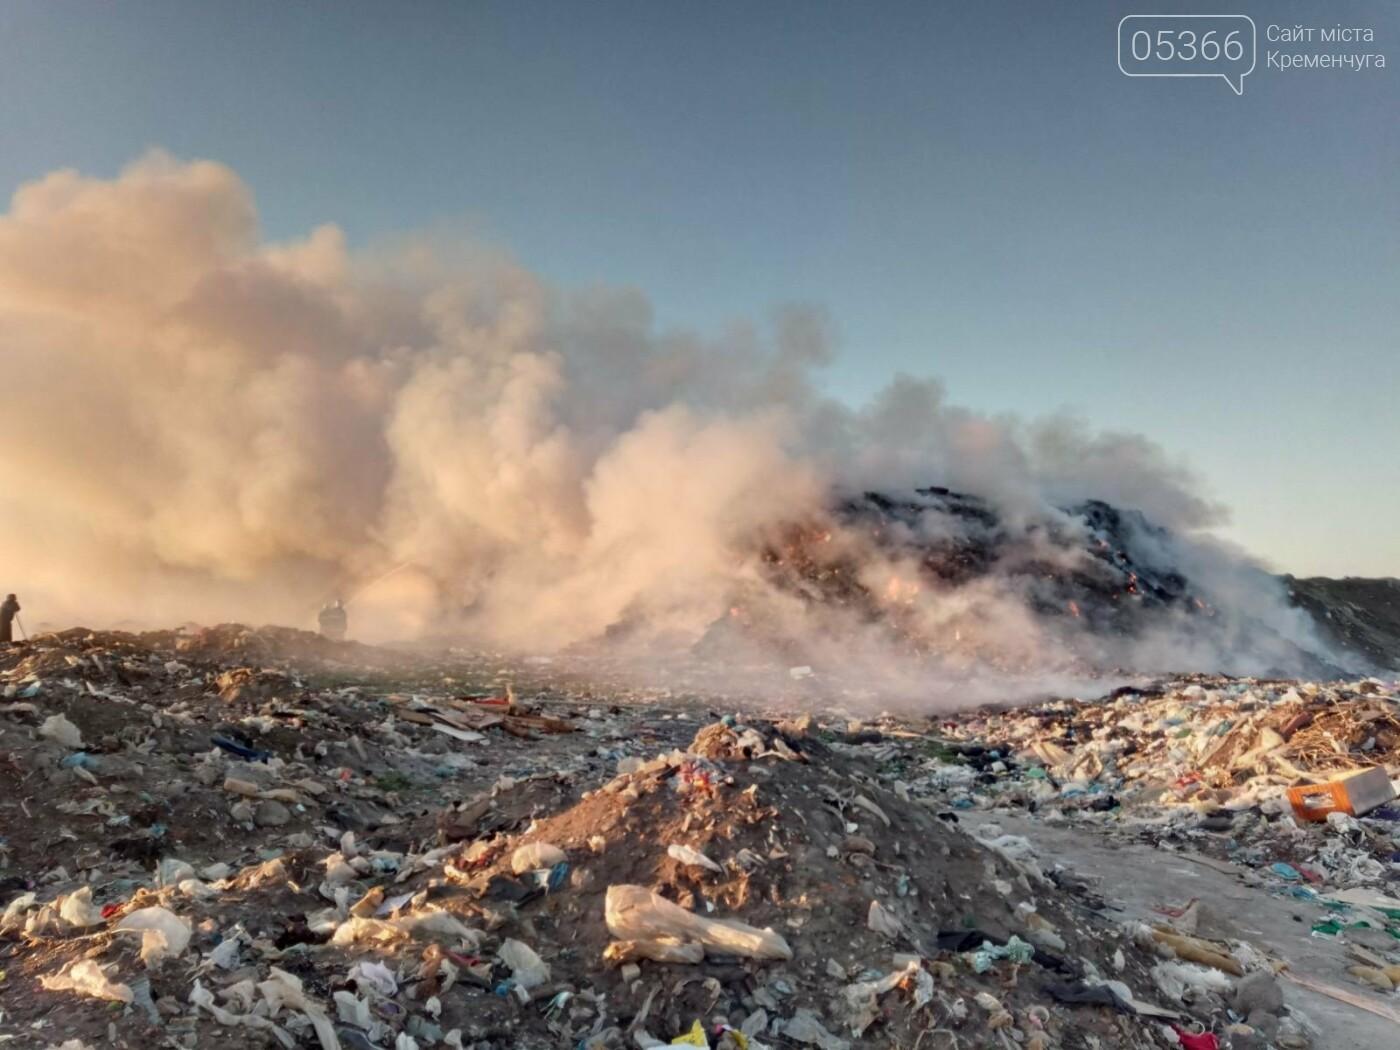 У Кременчуці горіло міське сміттєзвалище: пожежники боролись з вогнем протягом  восьми годин, фото-2